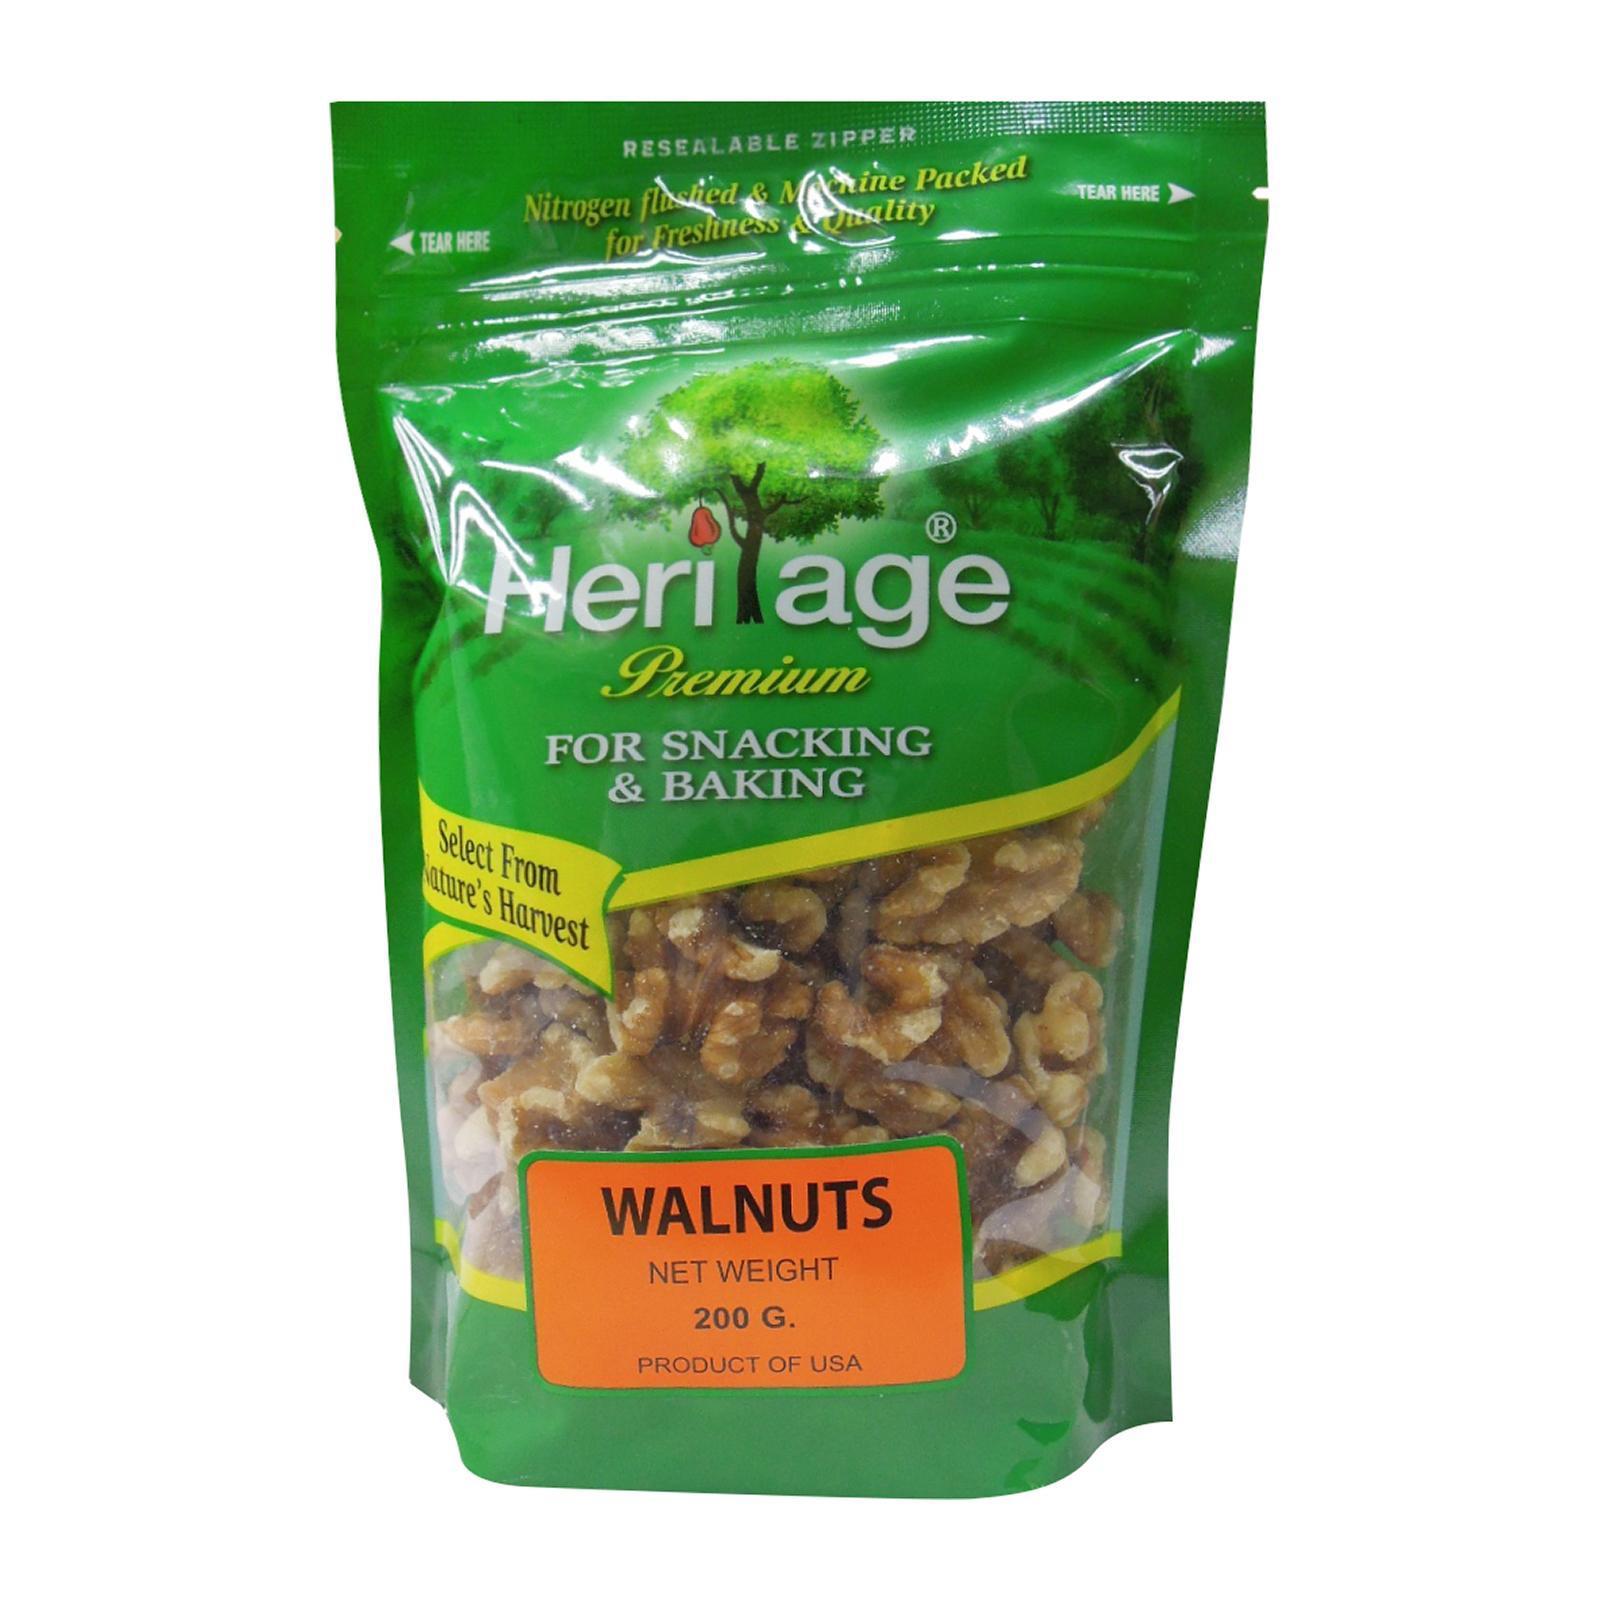 Heritage Raw Walnuts Nuts